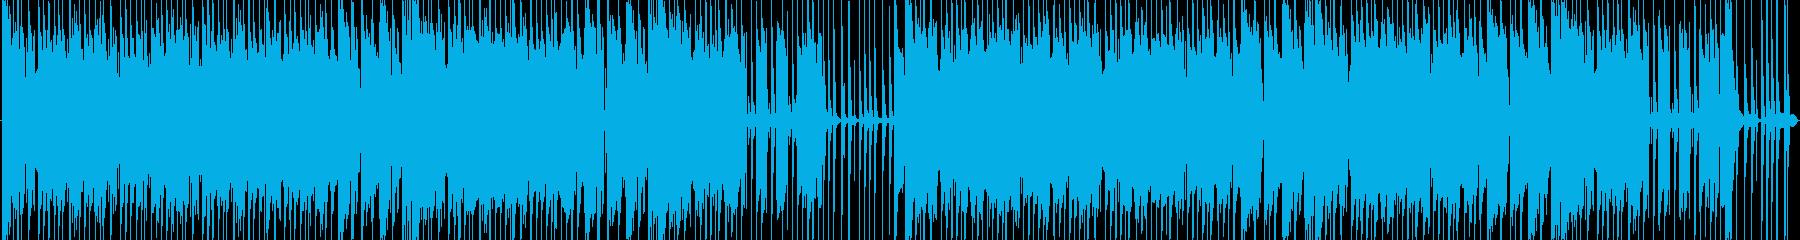 鬼気迫る軽快なソウルJAMサウンドの再生済みの波形